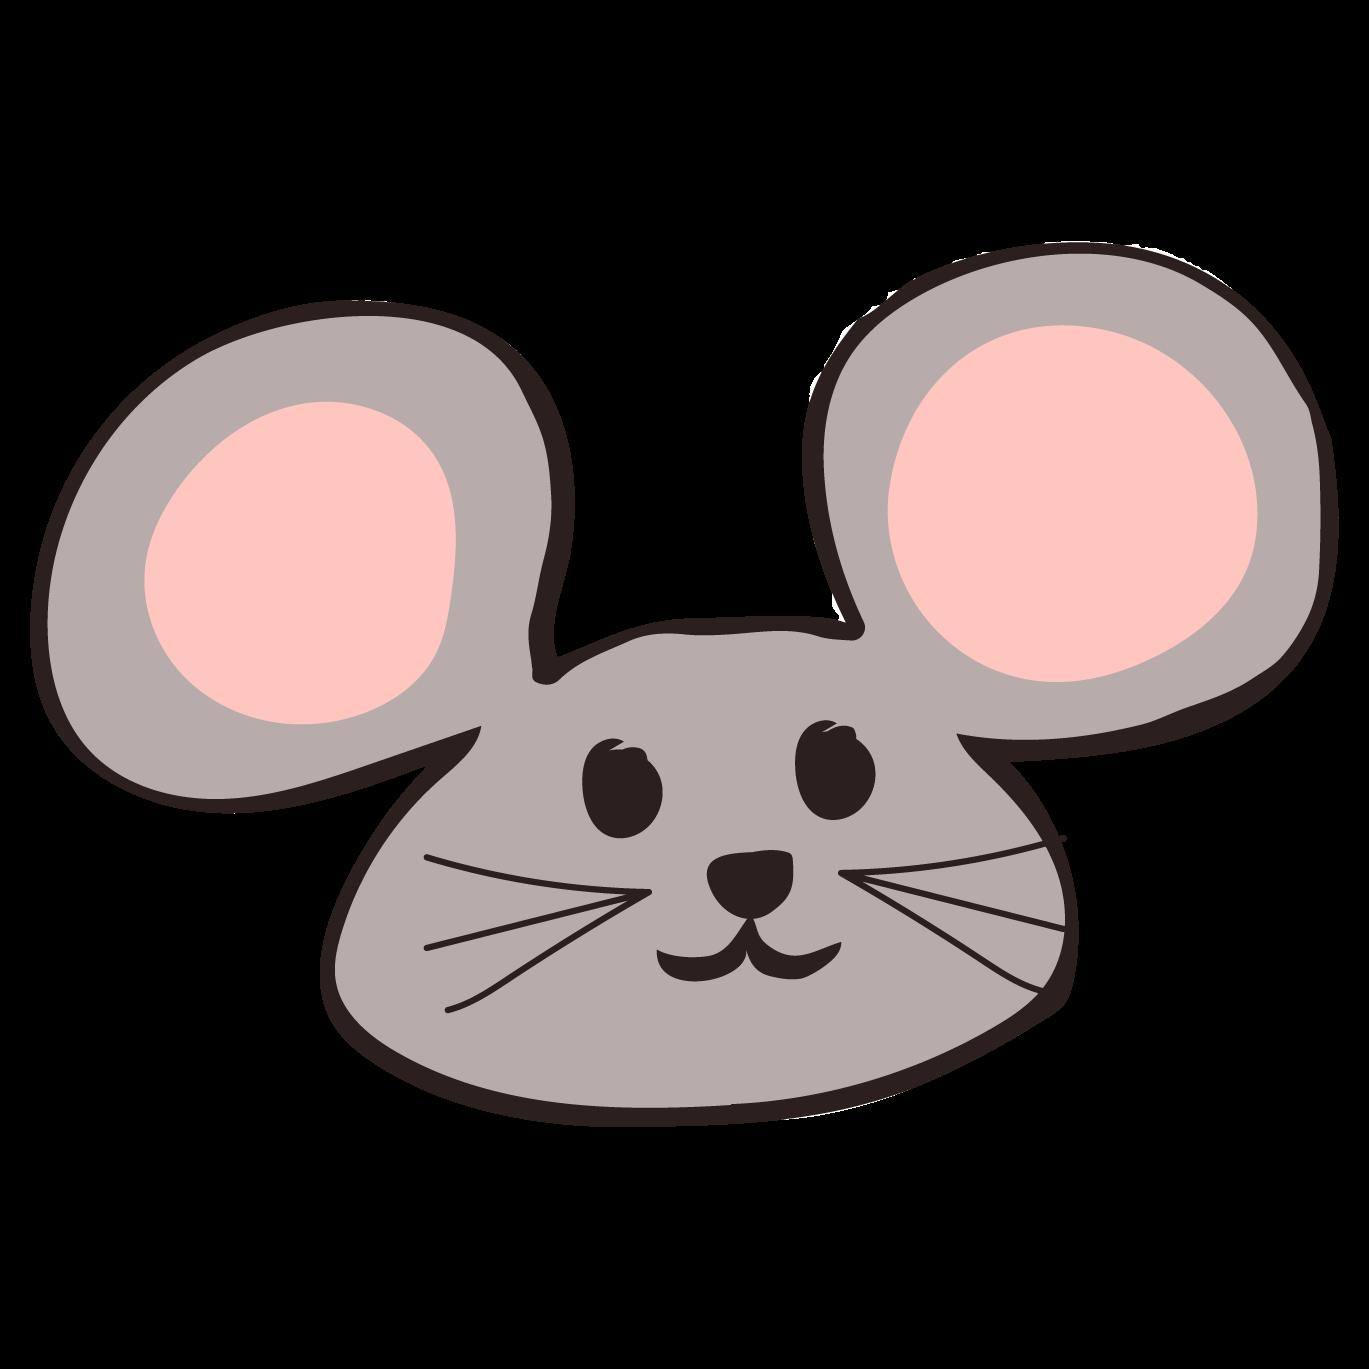 おしゃれ かわいいネズミ鼠ねずみ顔フリー イラスト